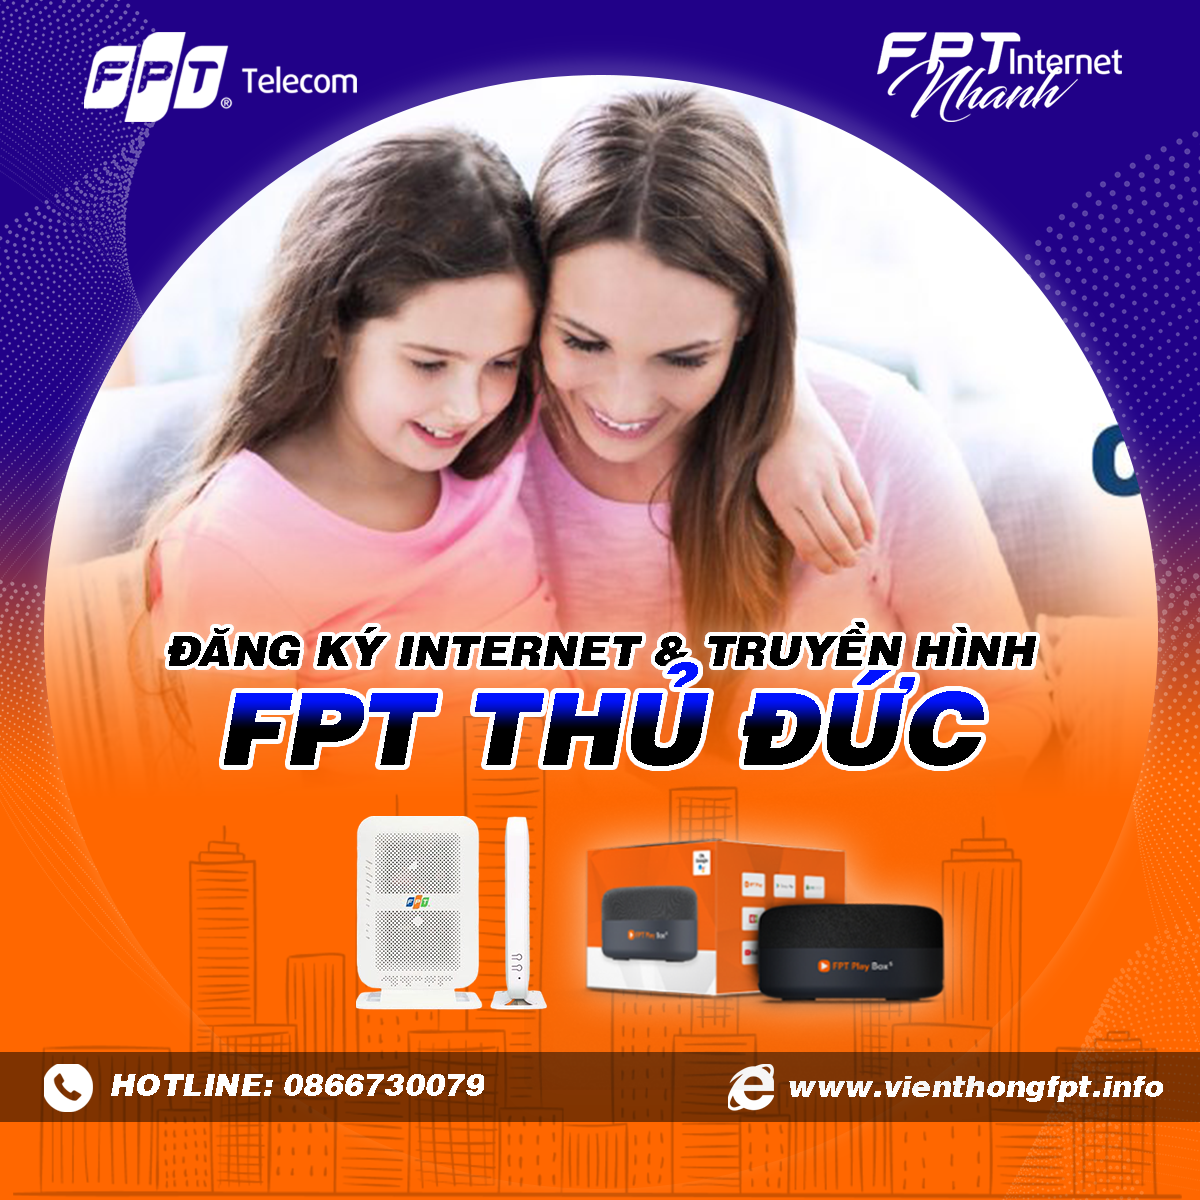 Tổng đài FPT Thủ Đức - Đăng ký Internet và Truyền hình FPT